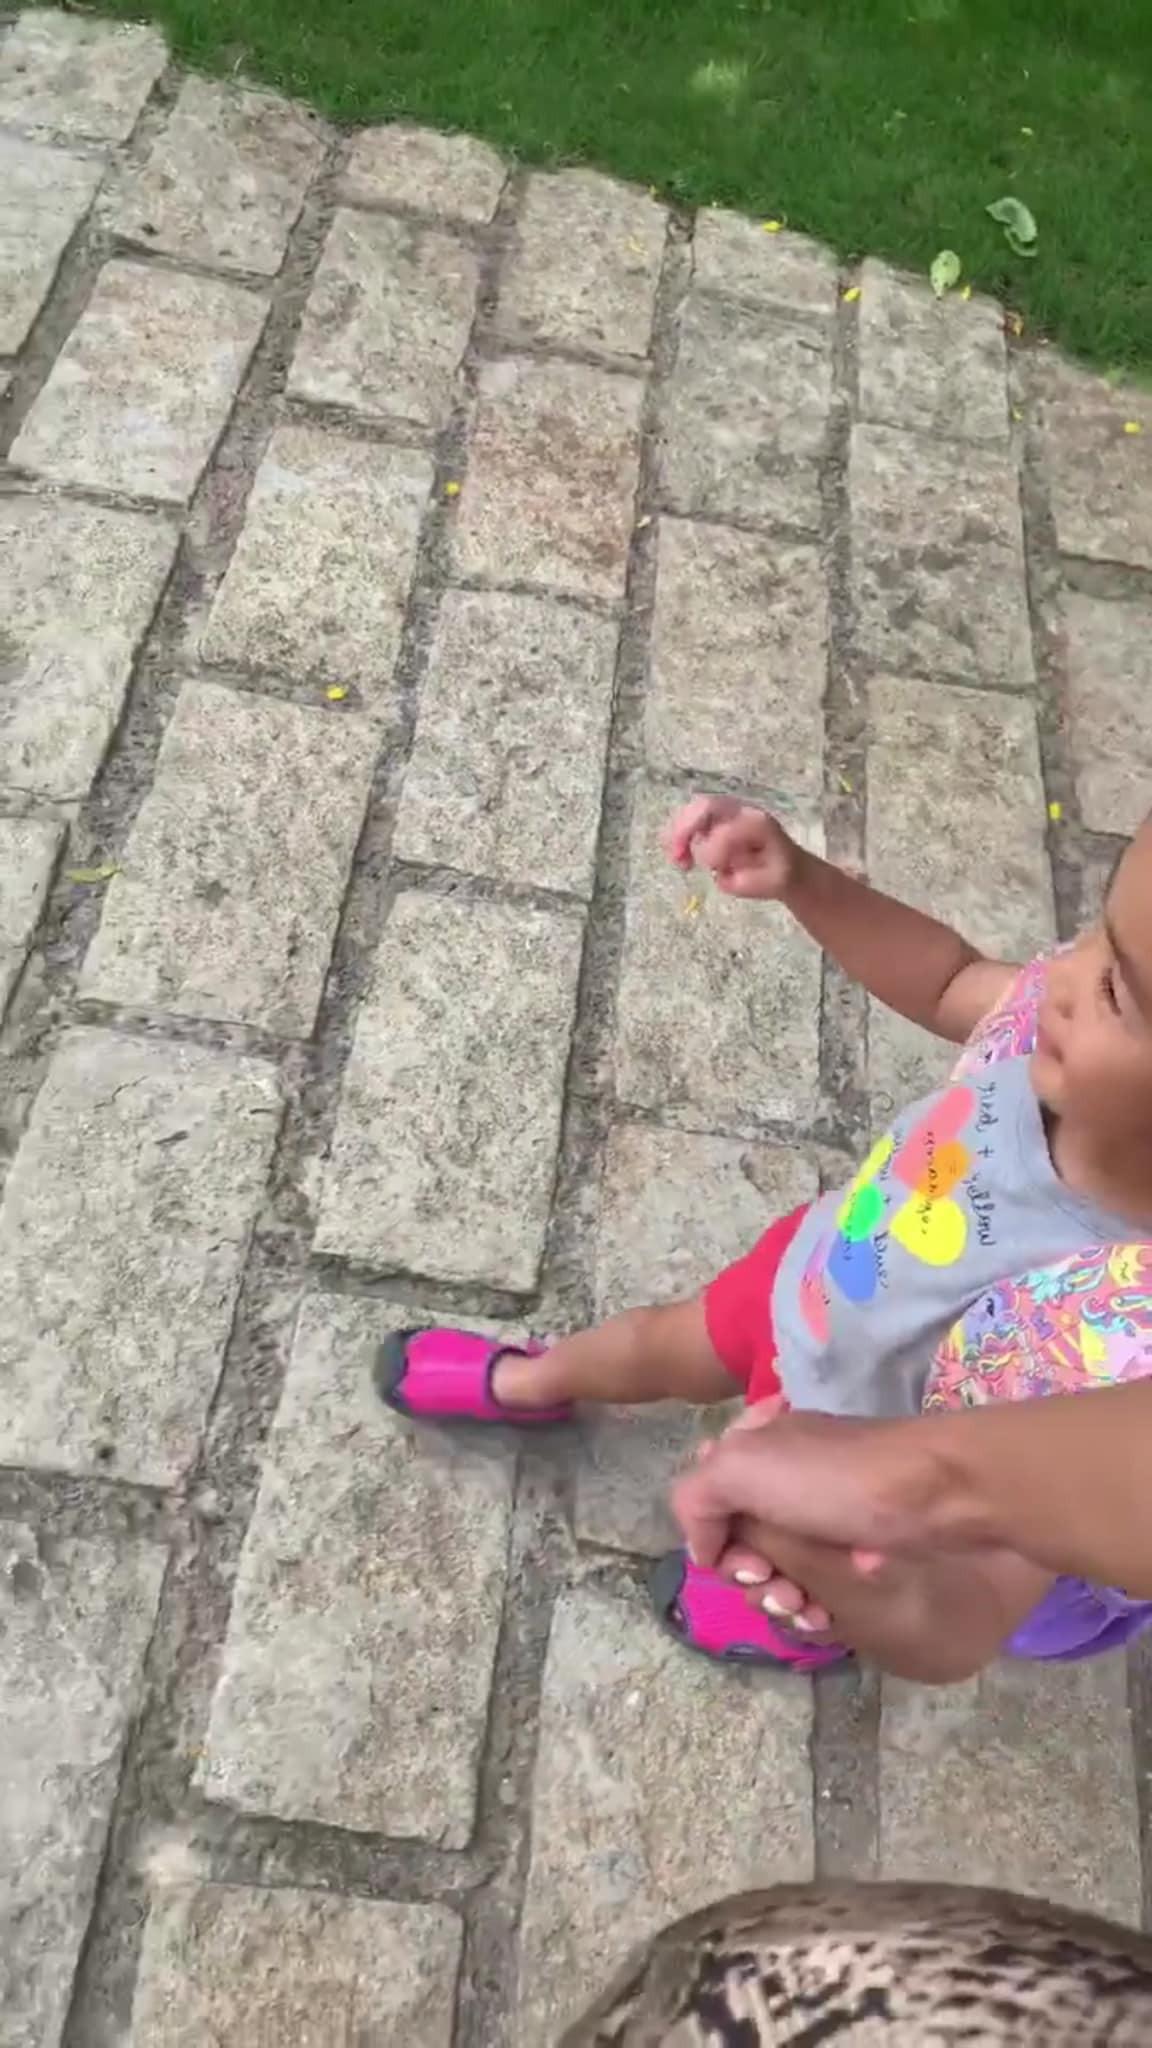 Tăng Thanh Hà dắt con gái đi học, vô tình làm lộ mặt gương mặt cô bé vì sự cố bất ngờ-3